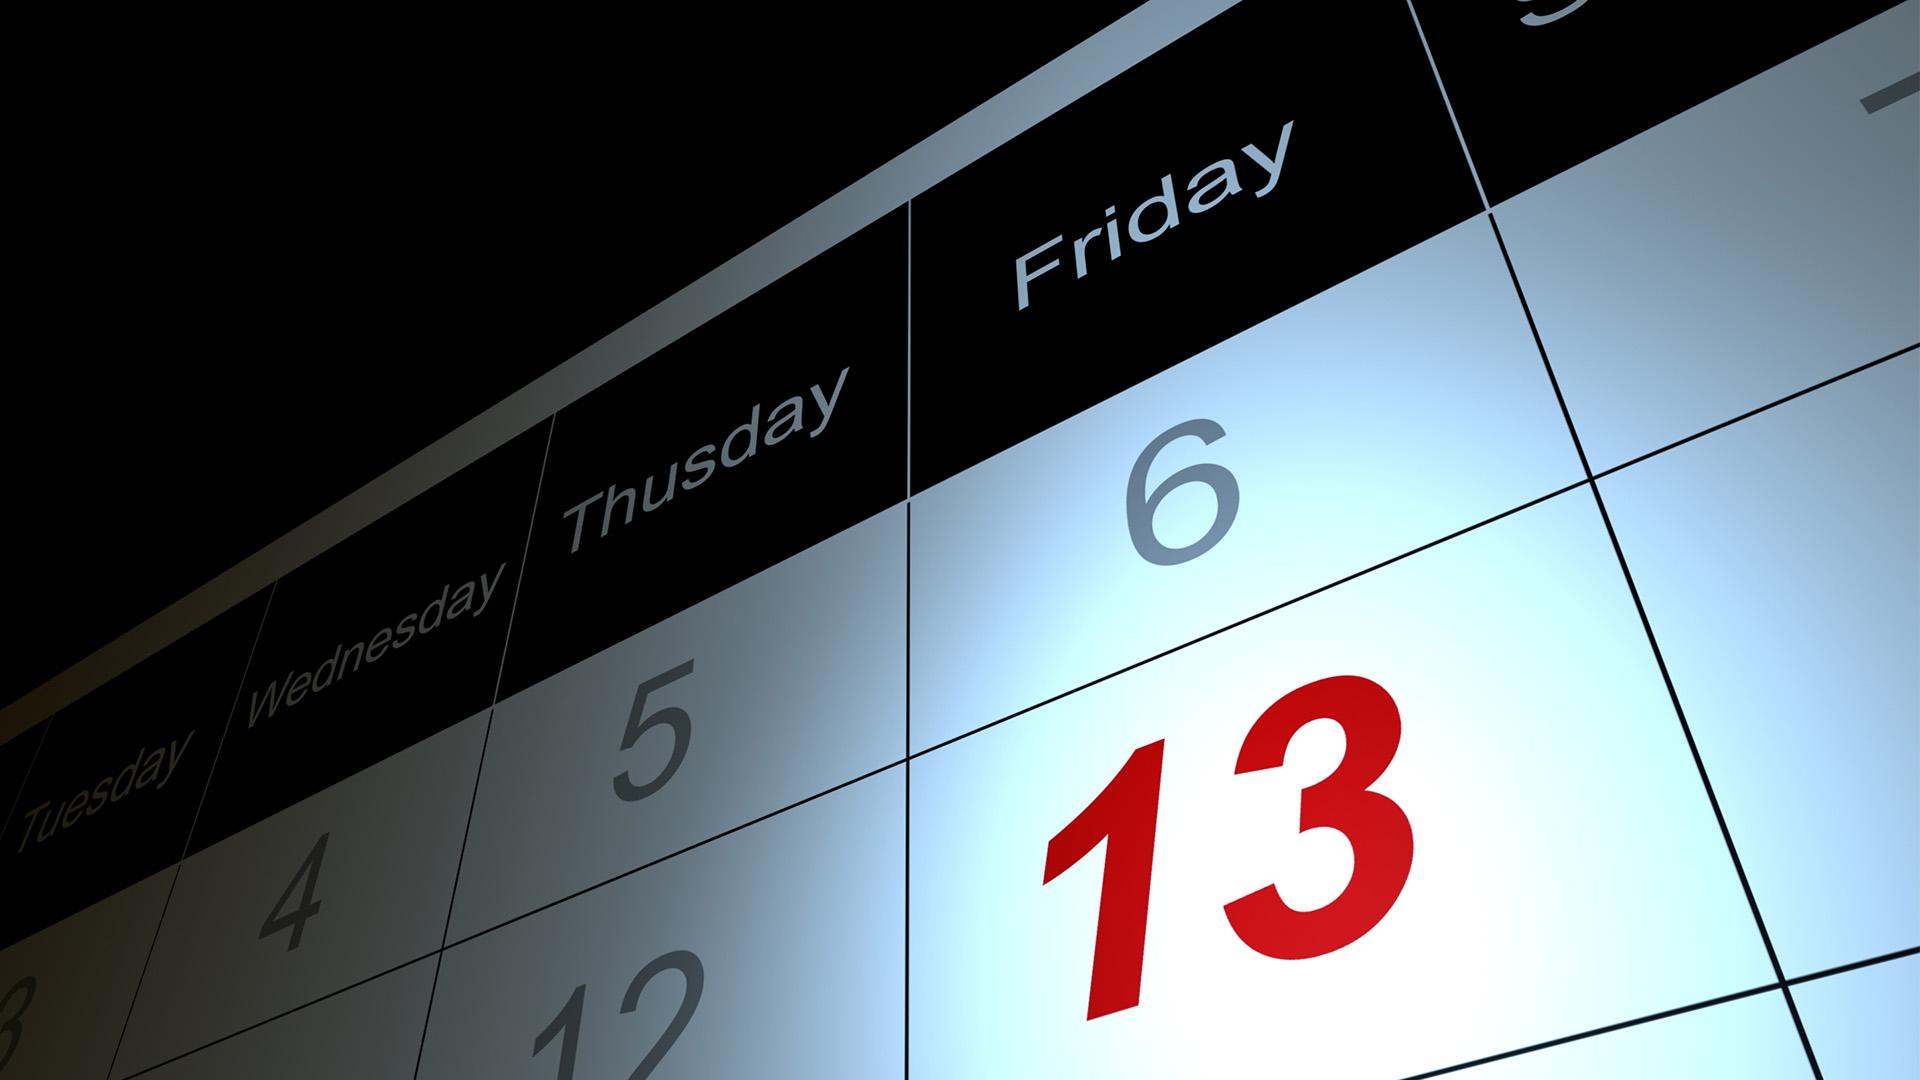 当13号碰着星期五,为甚么良多人都市感应无畏?